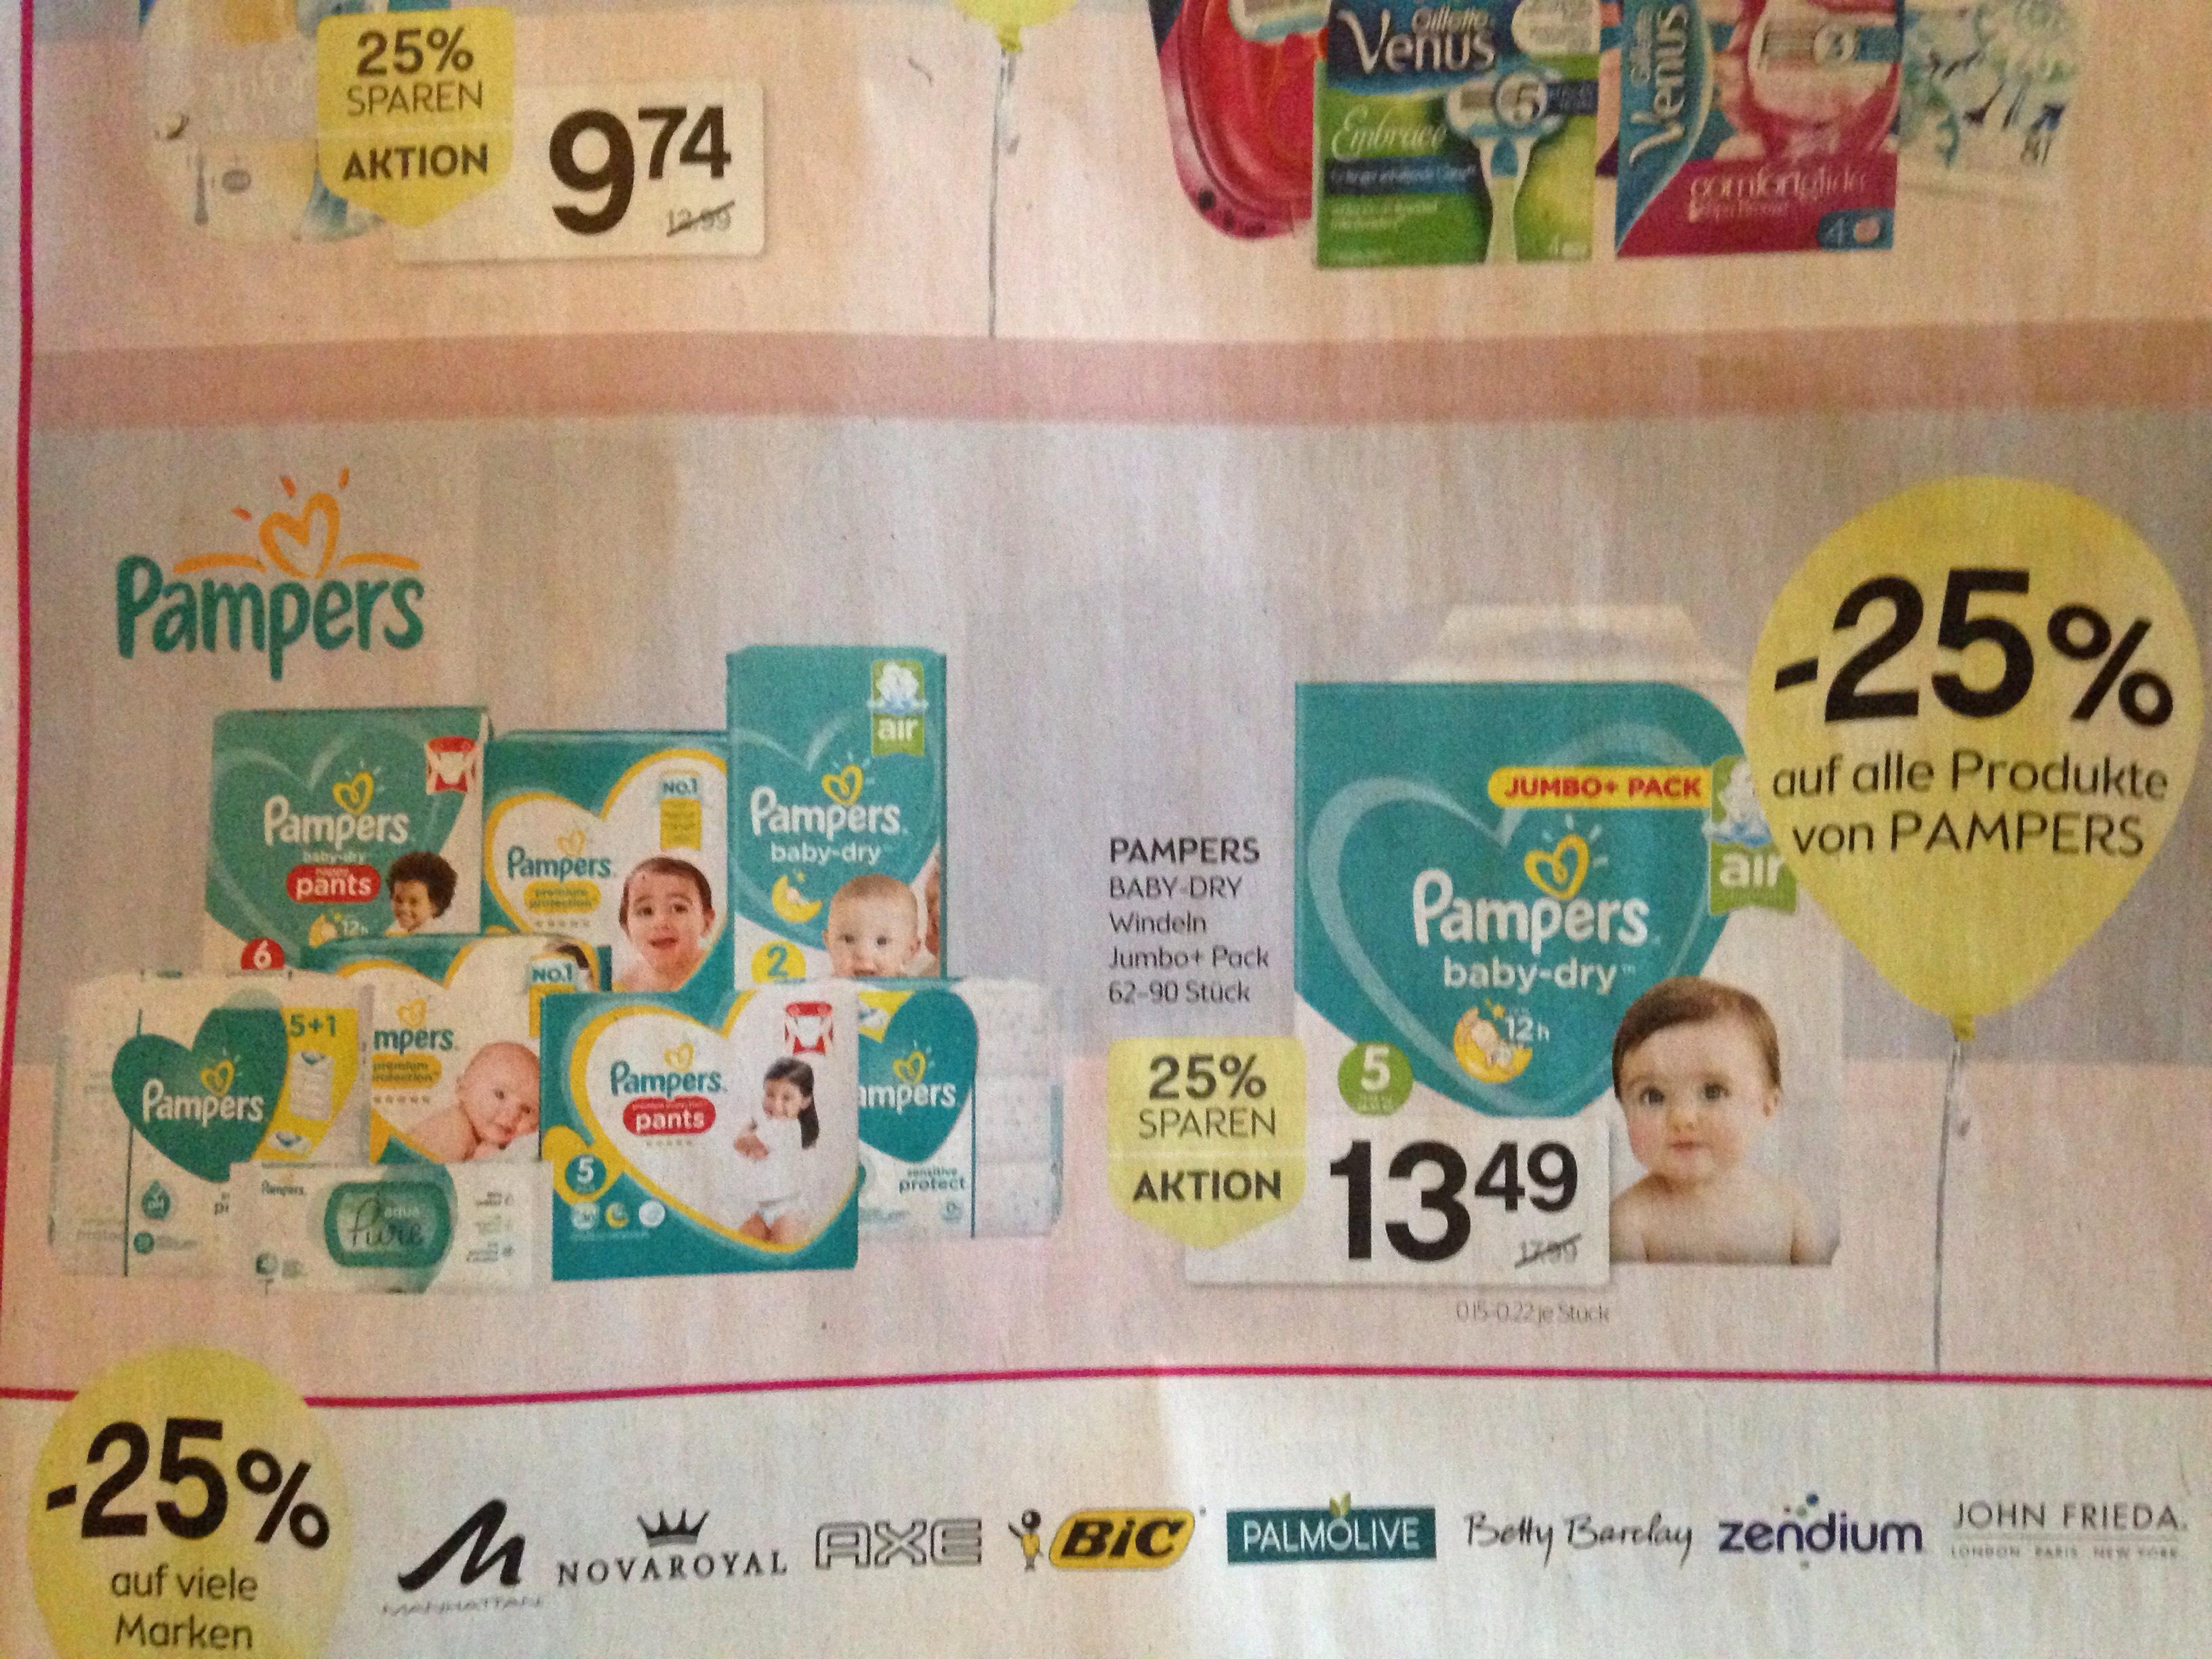 [Bipa] -25% auf alle Pampers Produkte